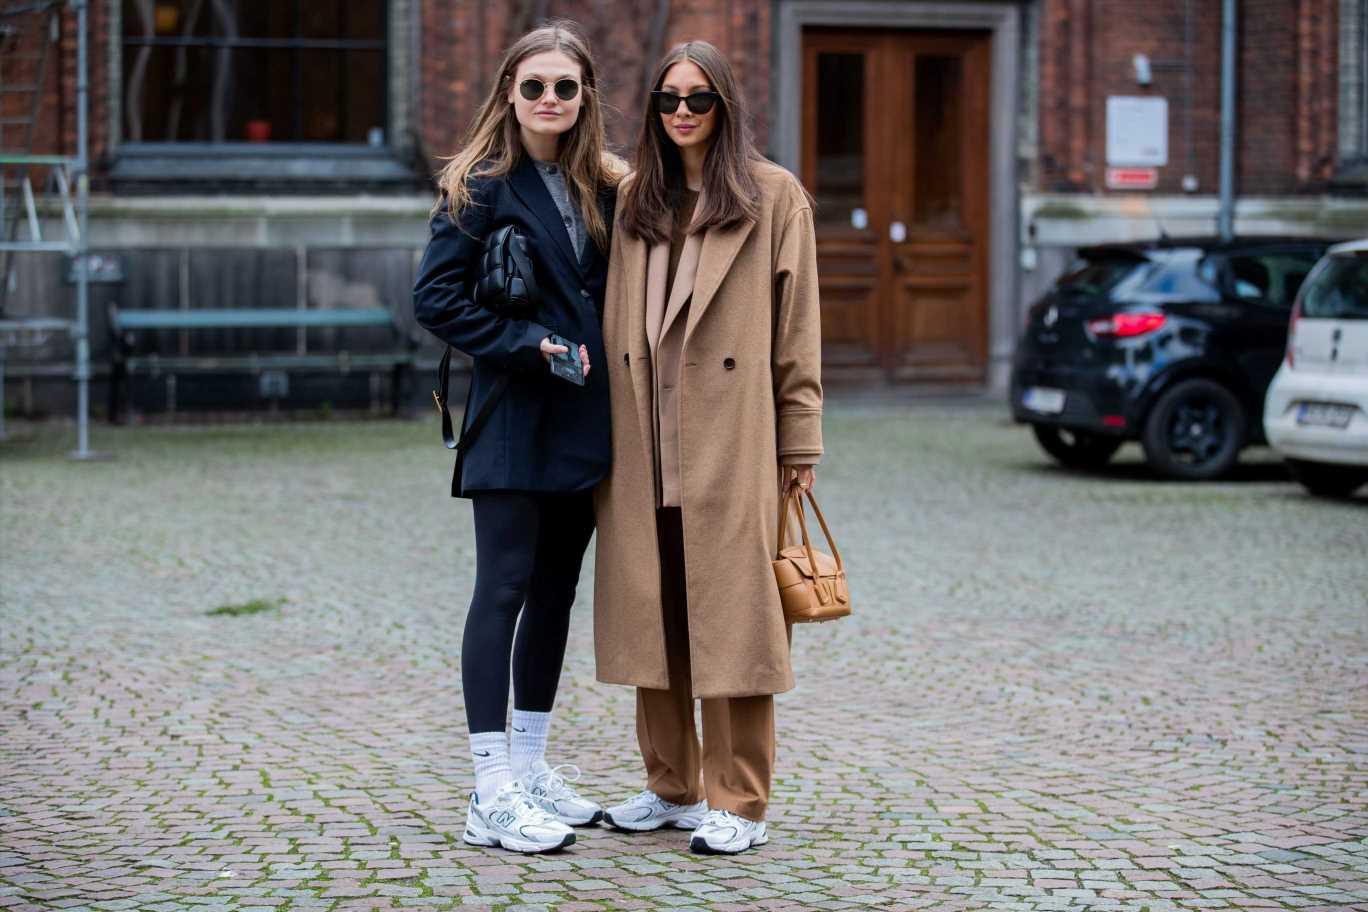 Calcetines a la vista: el truco de estilo para llevar leggings